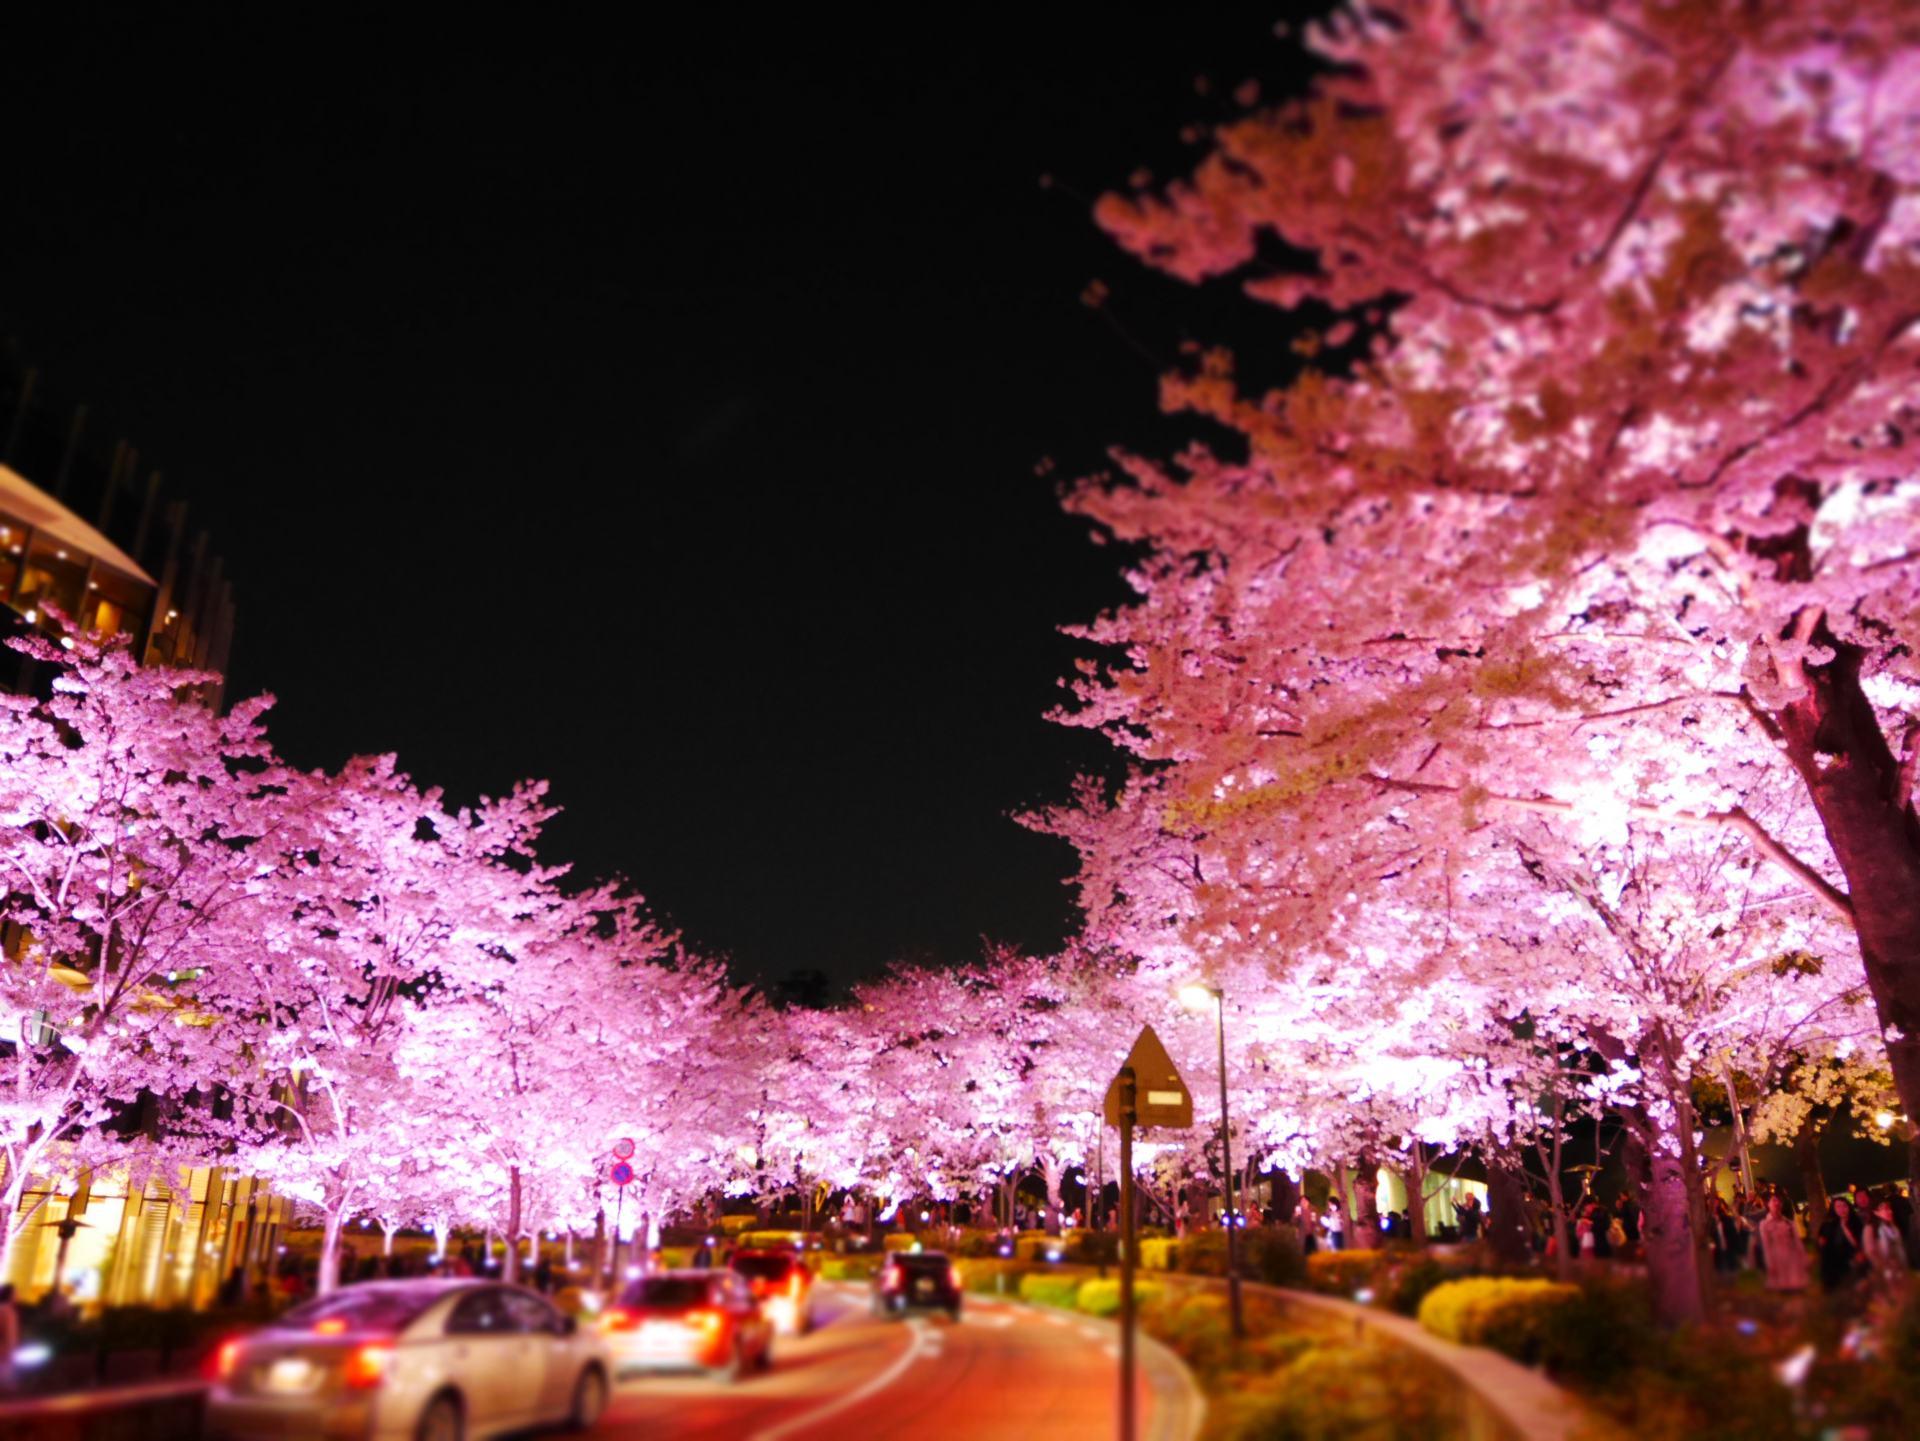 緩緩彎曲的櫻花大道坡